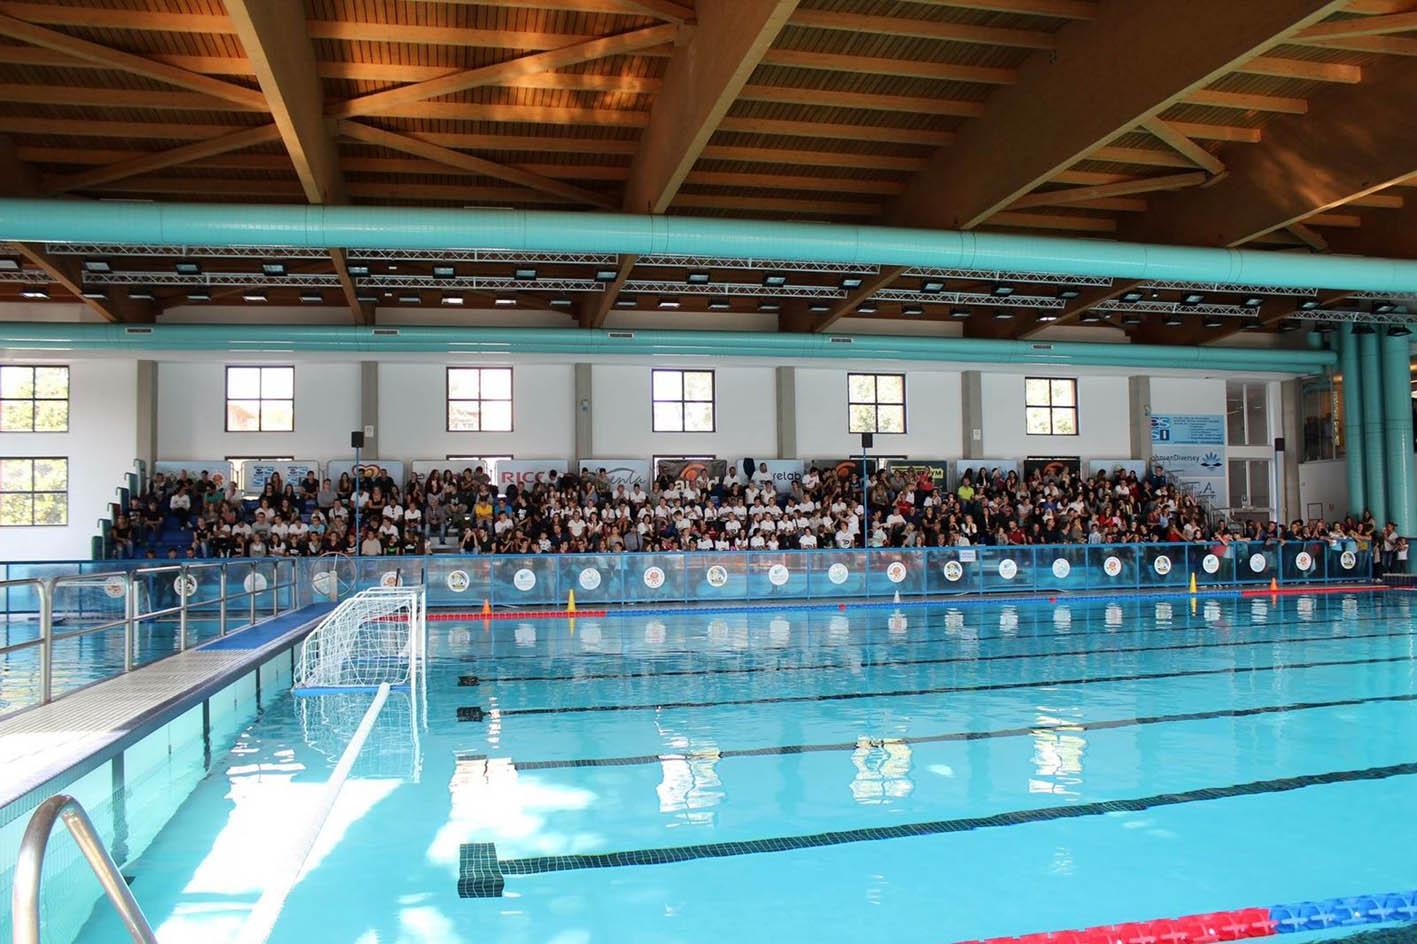 Vasca Da 25 Metri Tempi : Mantova u piscine dugoni chiusa per manutenzione la vasca da